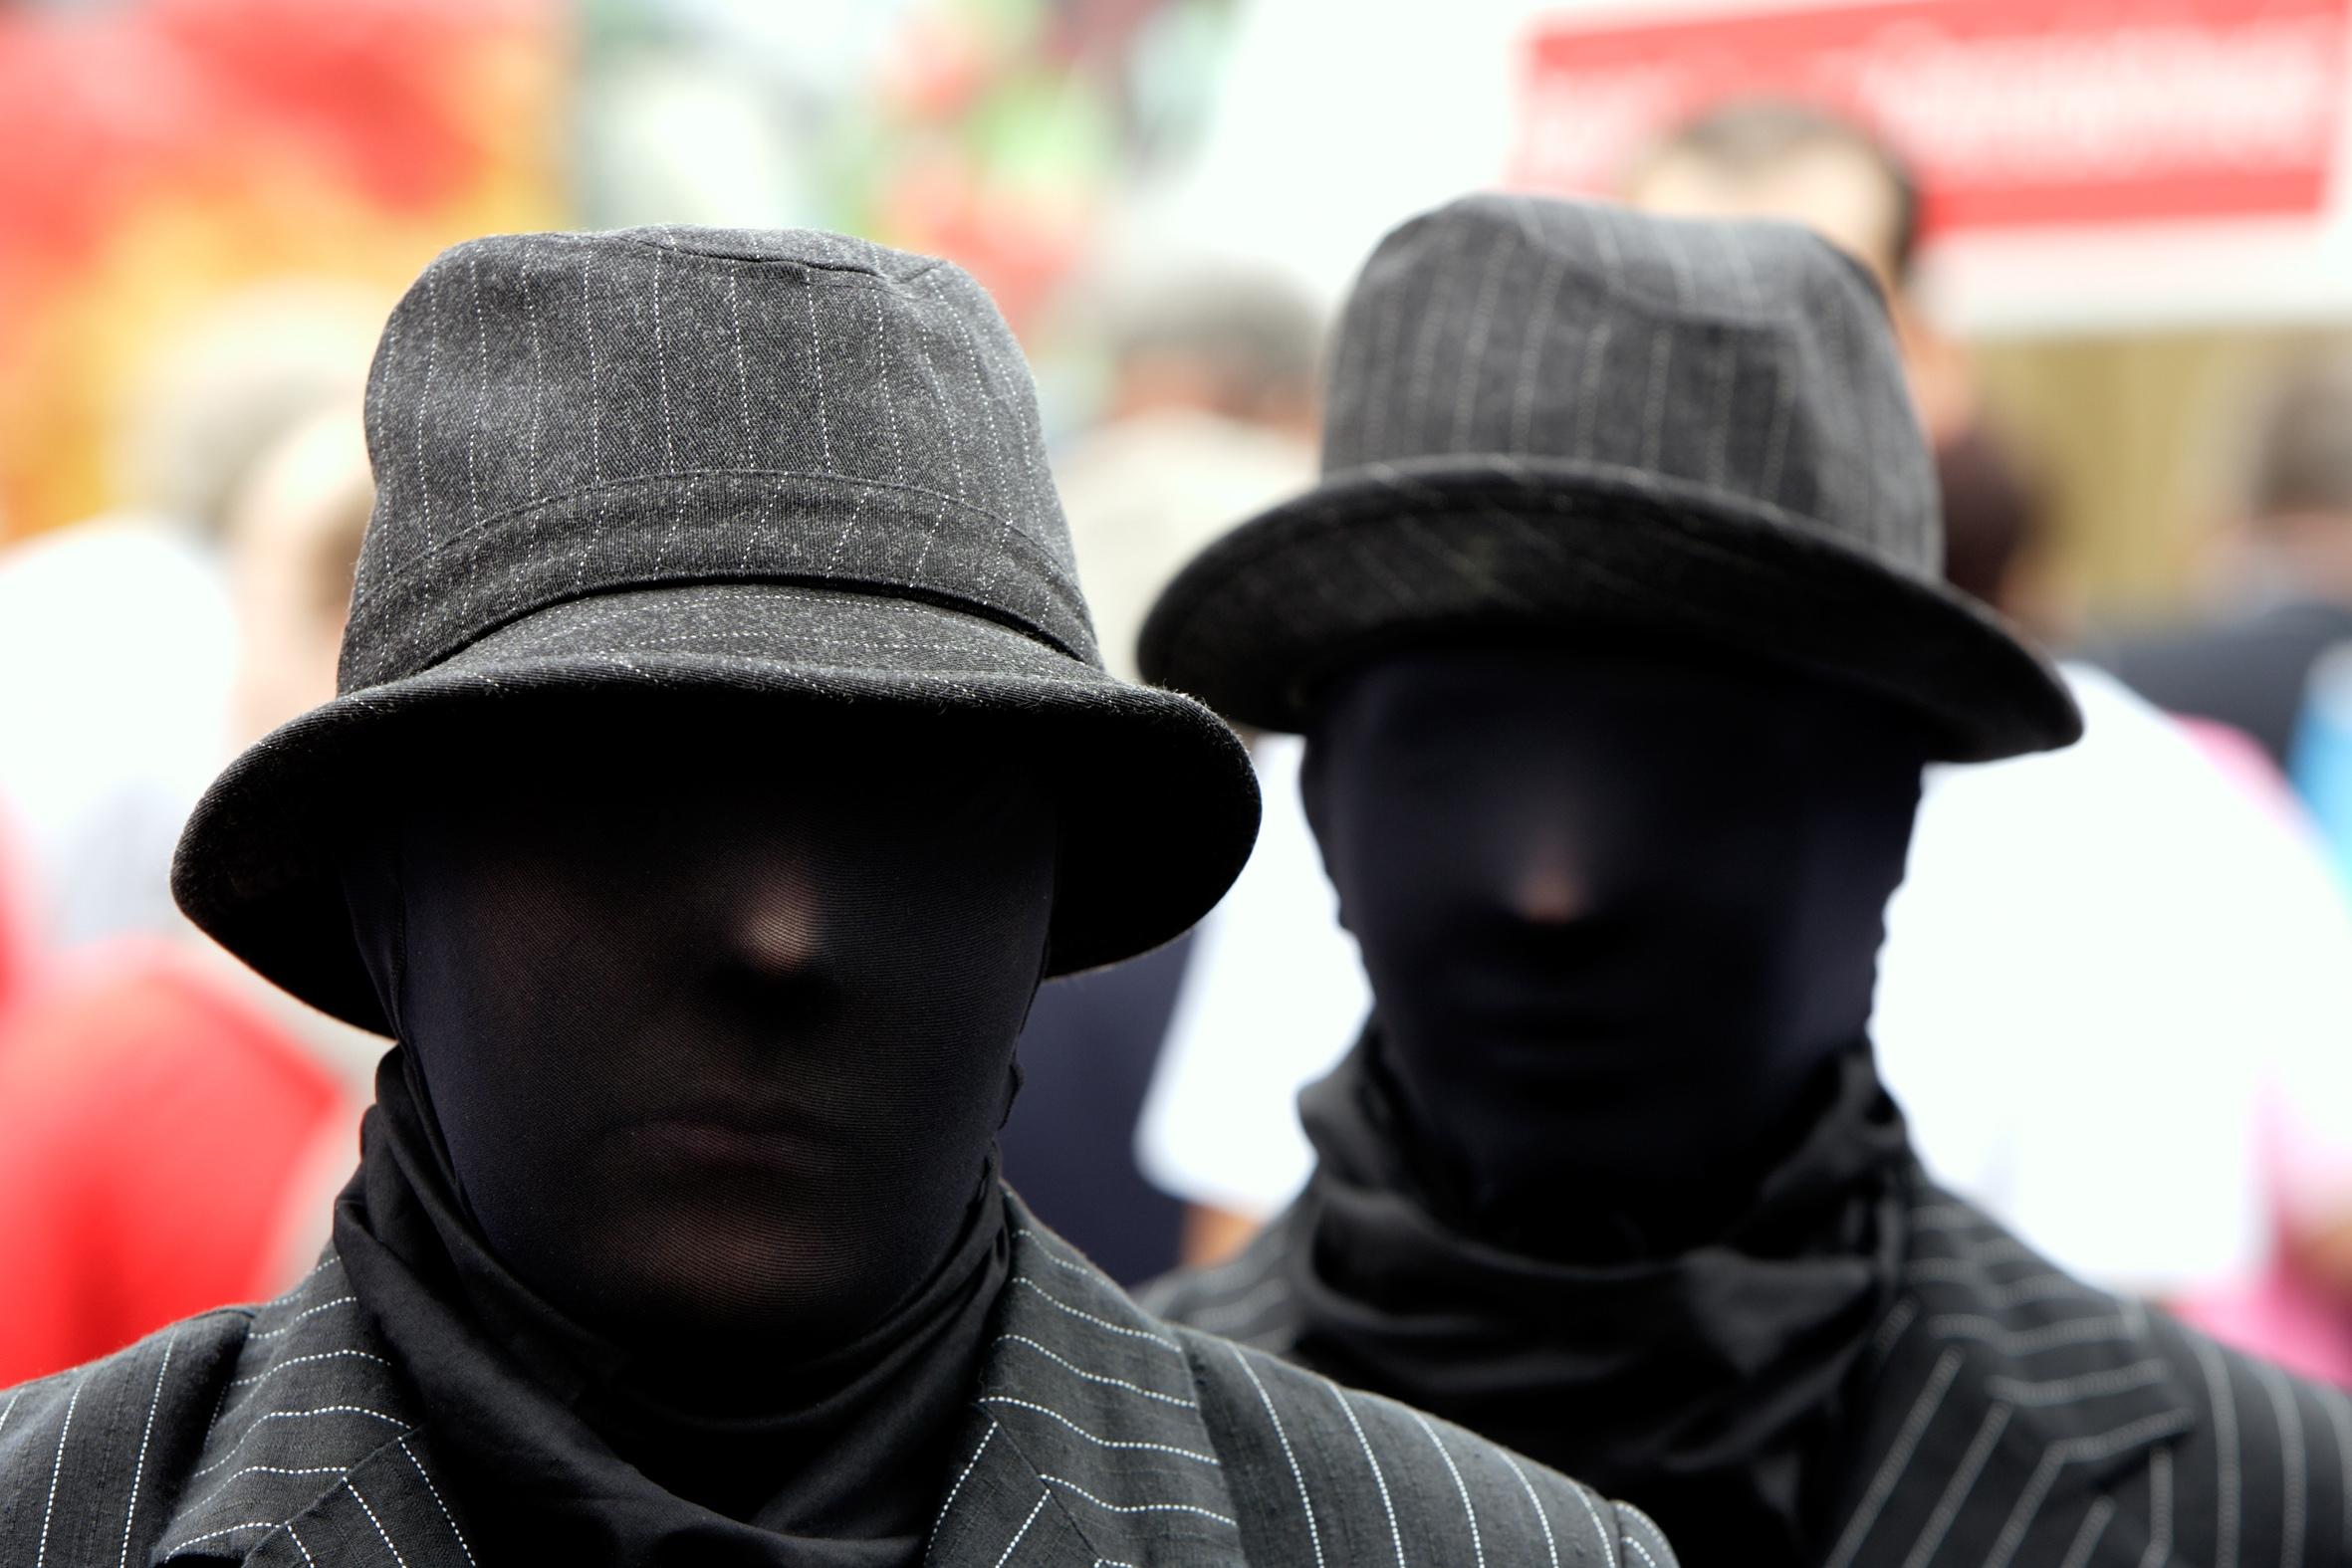 http://gx.net.ua/news_images/1490021879.jpg